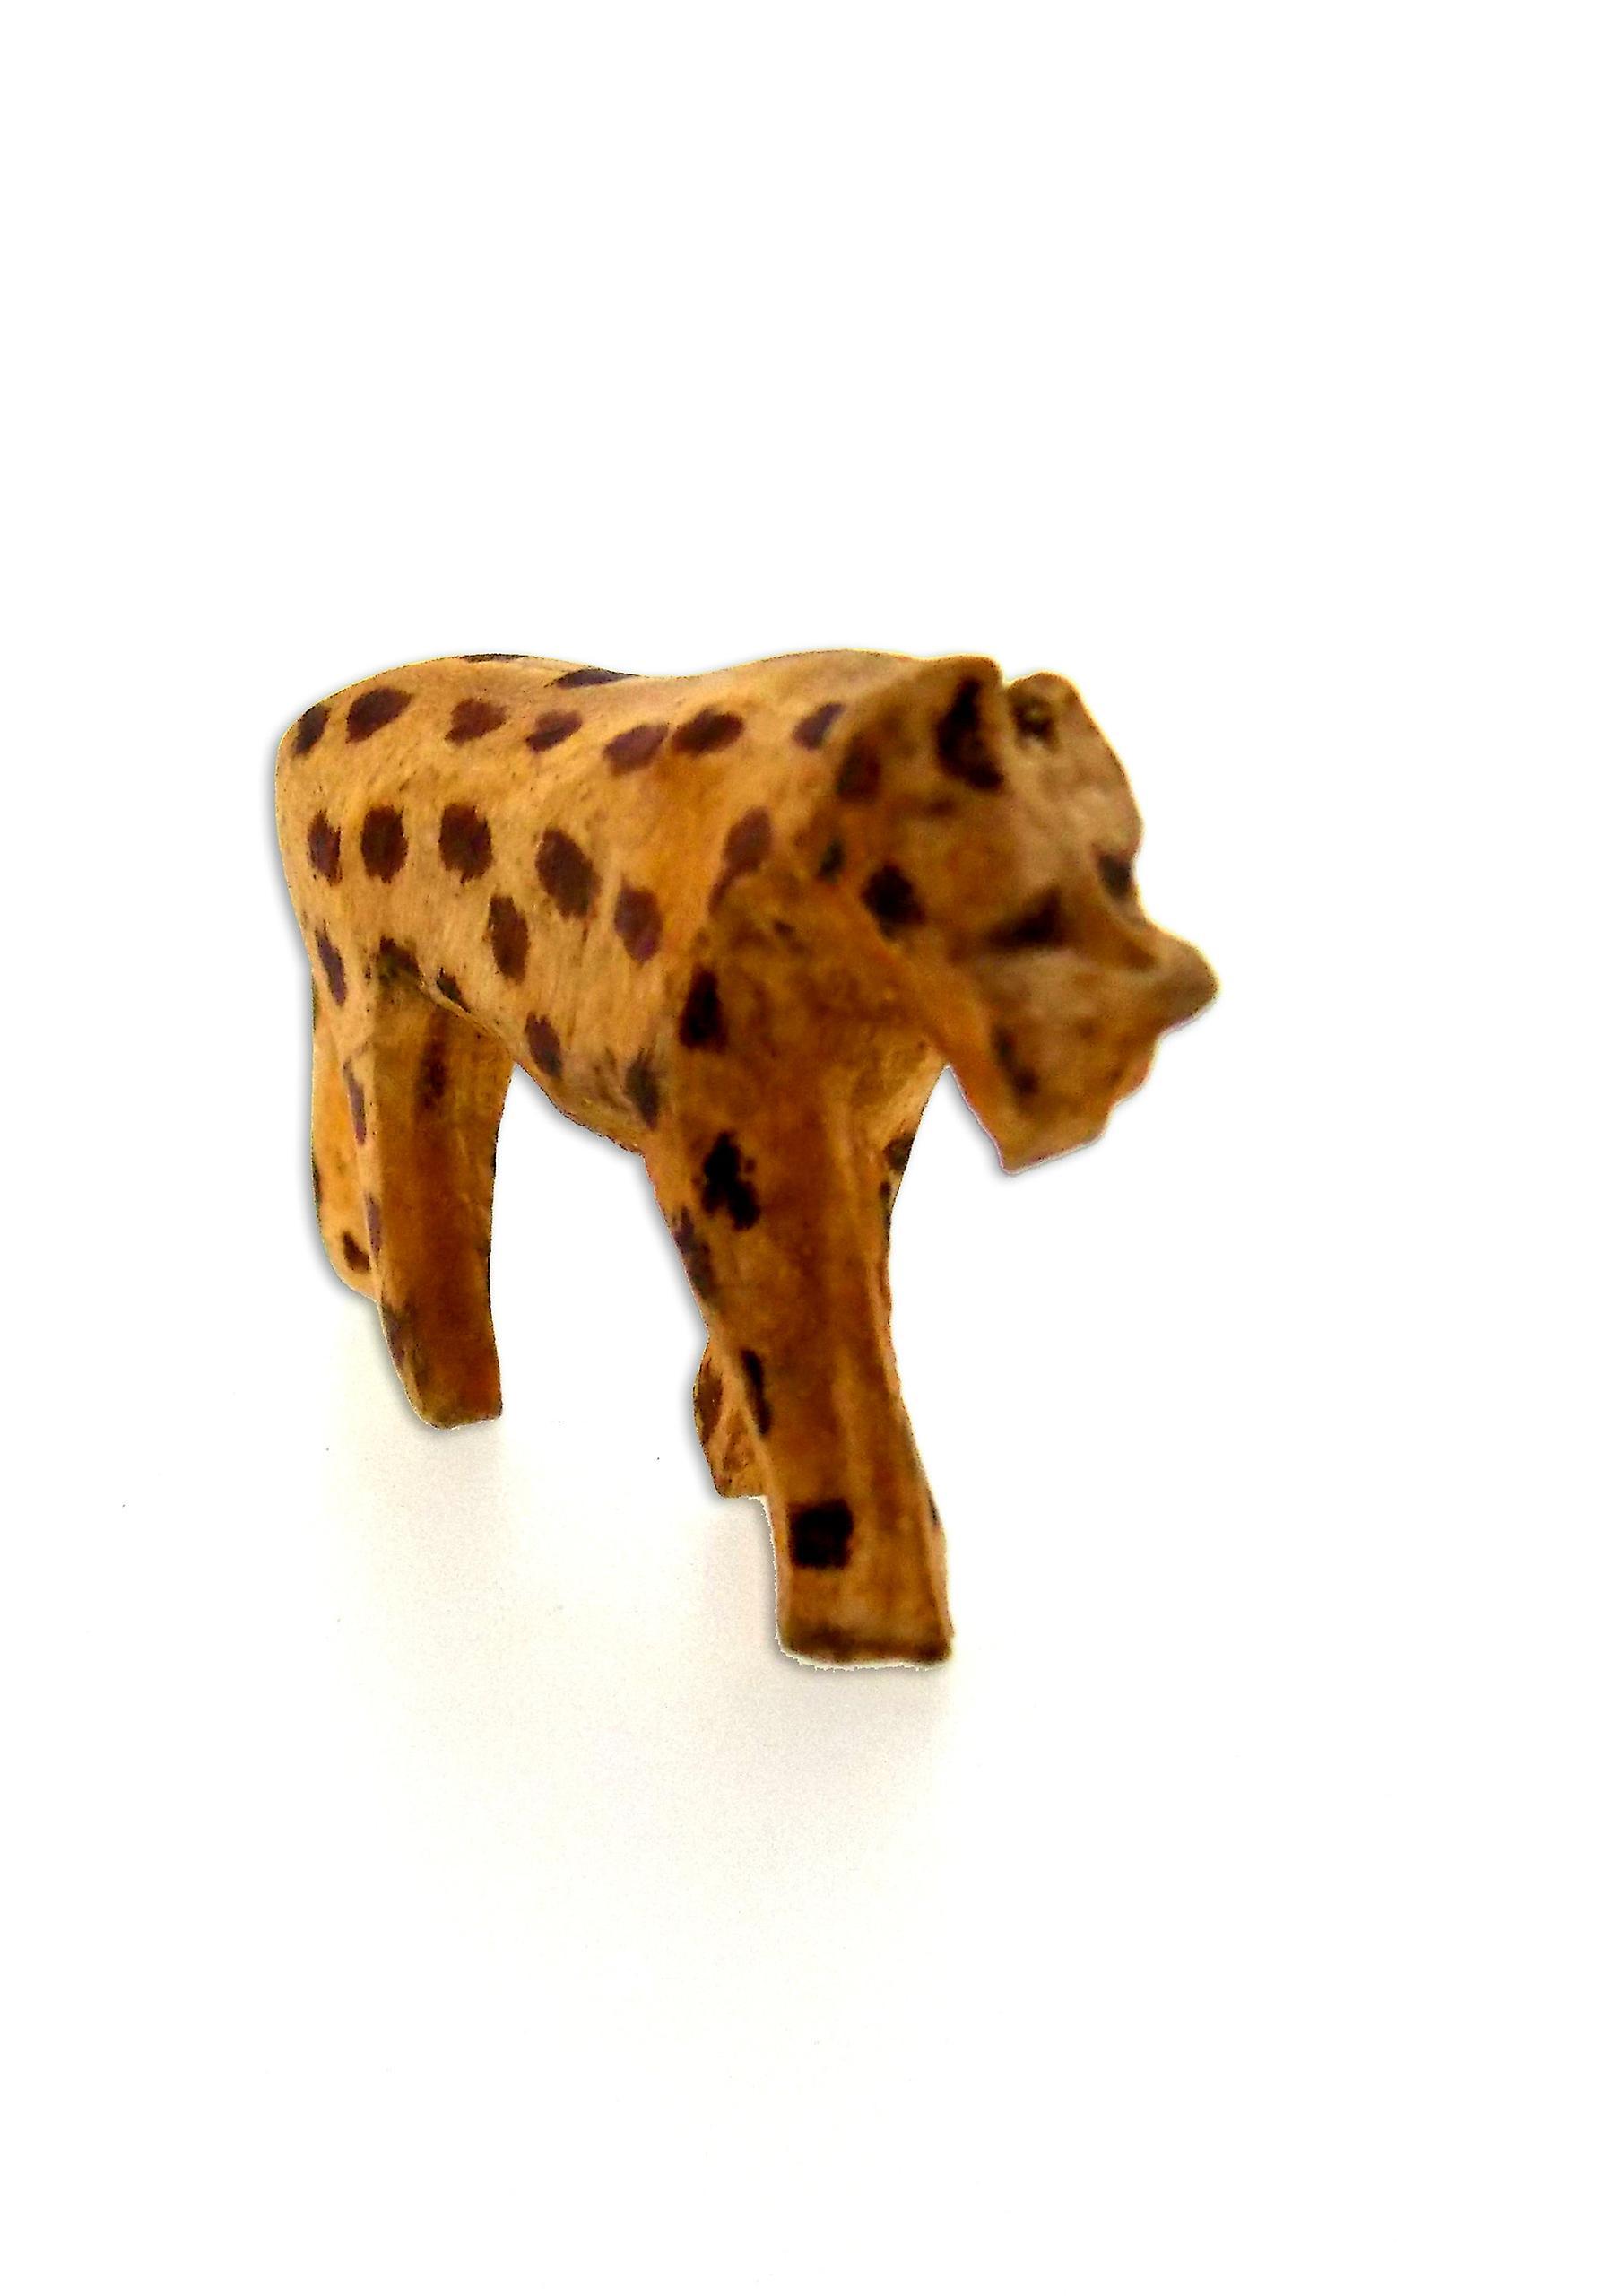 Hand-carved Wooden Animals Figurine - 7 Piece (2L x 5S)